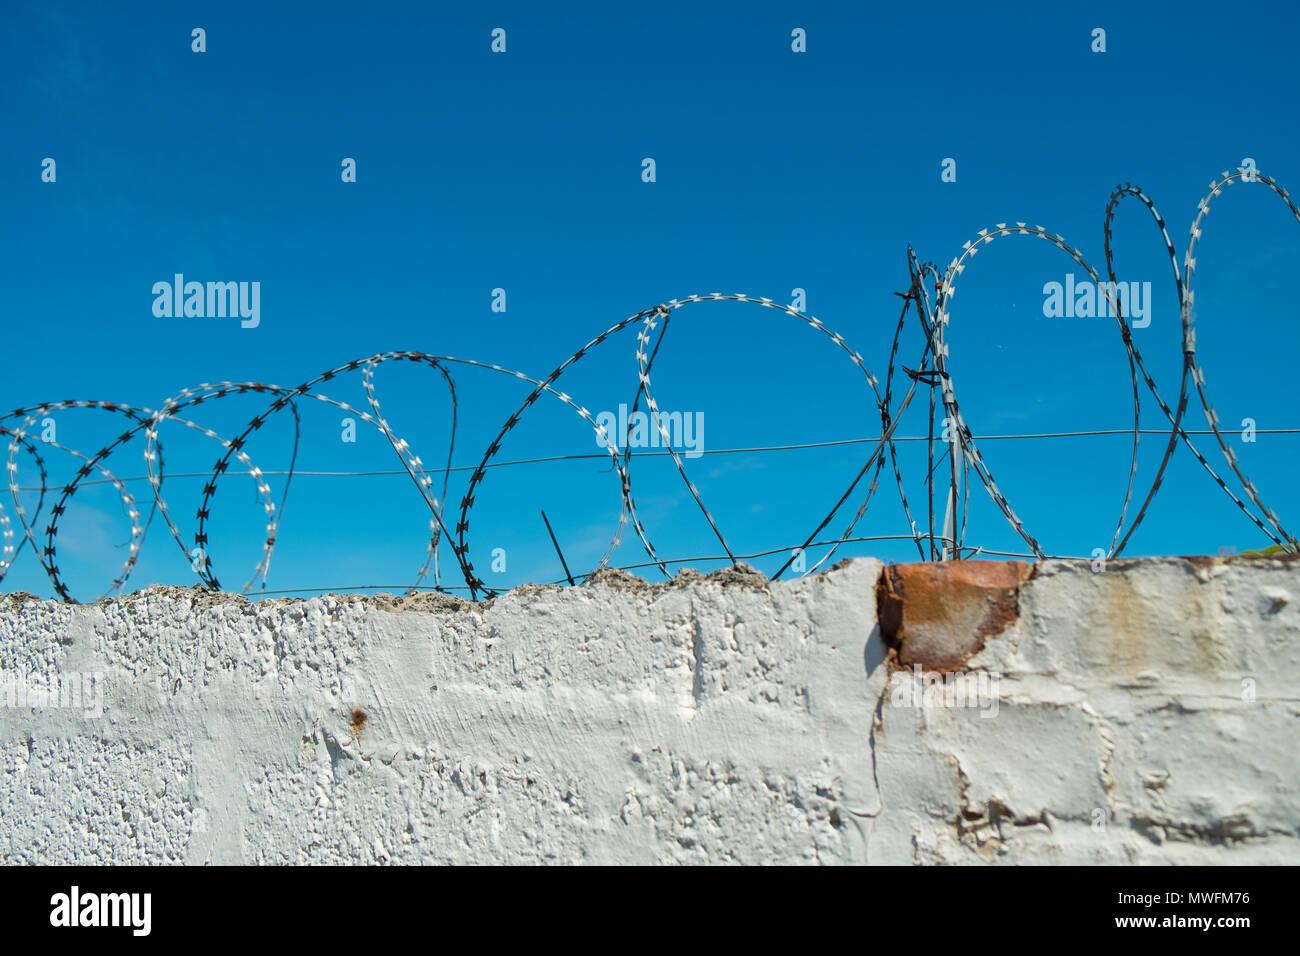 Security Barrier Deterrent Stock Photos & Security Barrier Deterrent ...